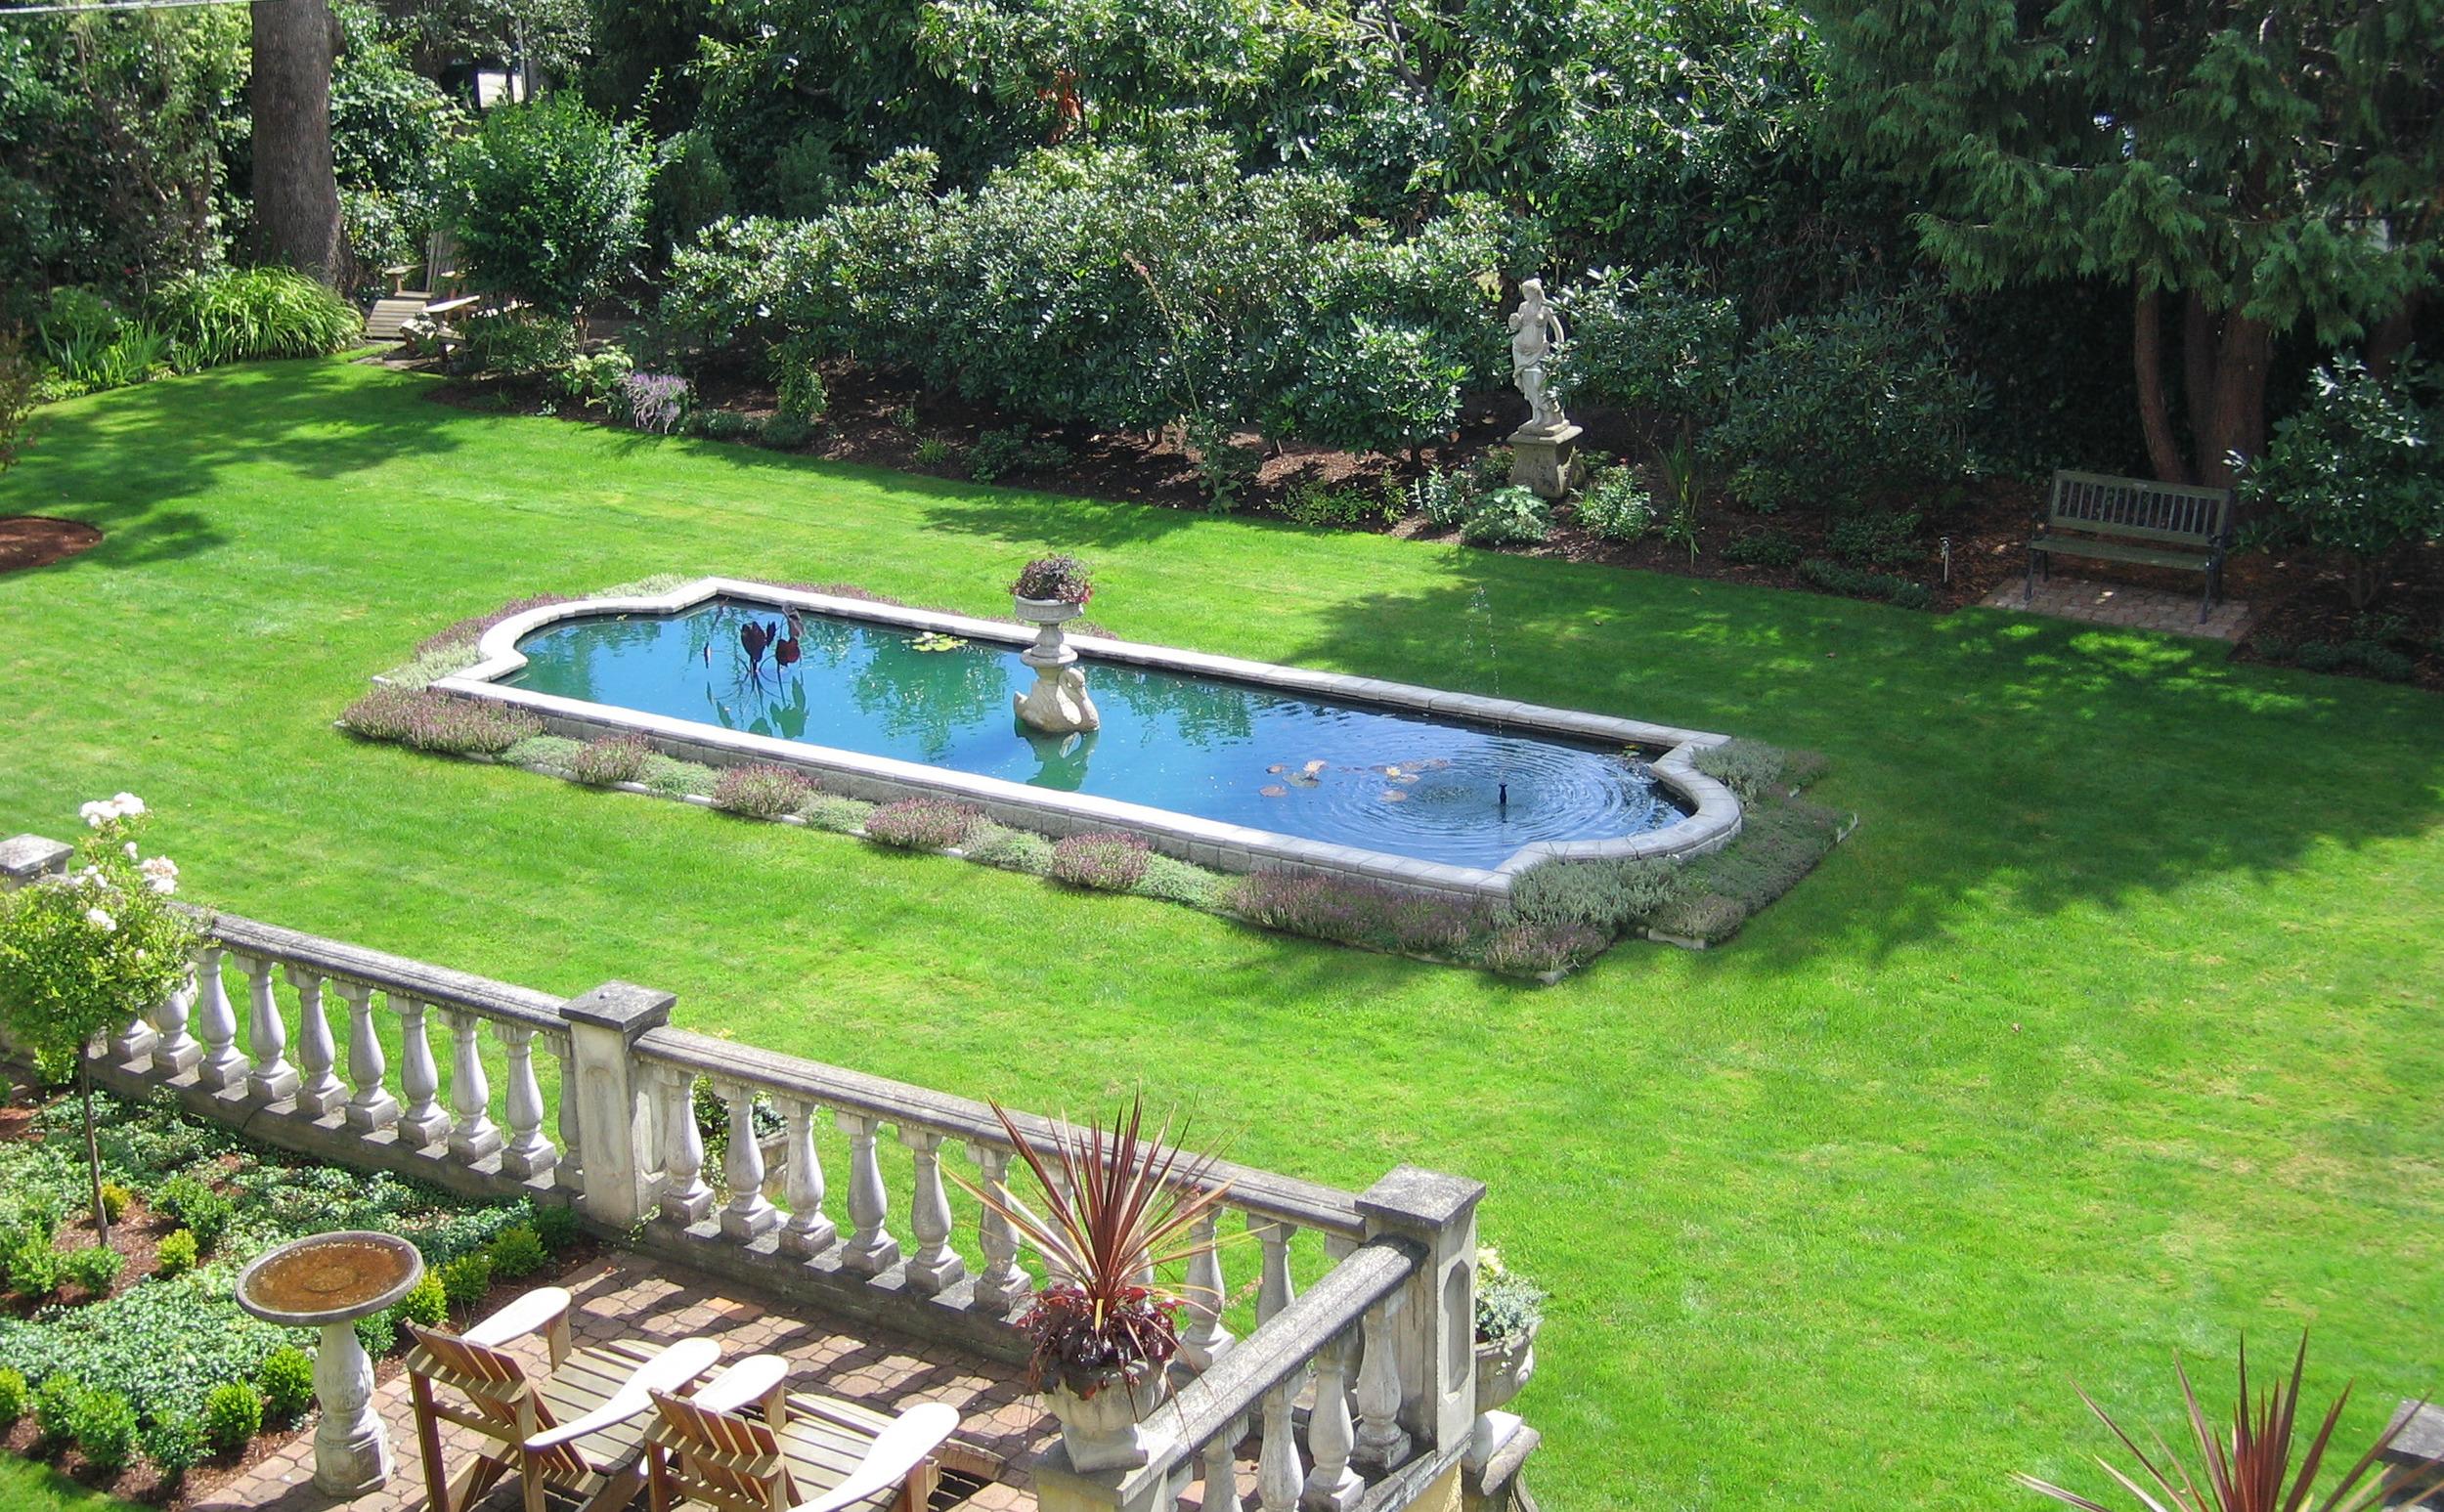 The Villa Marco Polo Garden